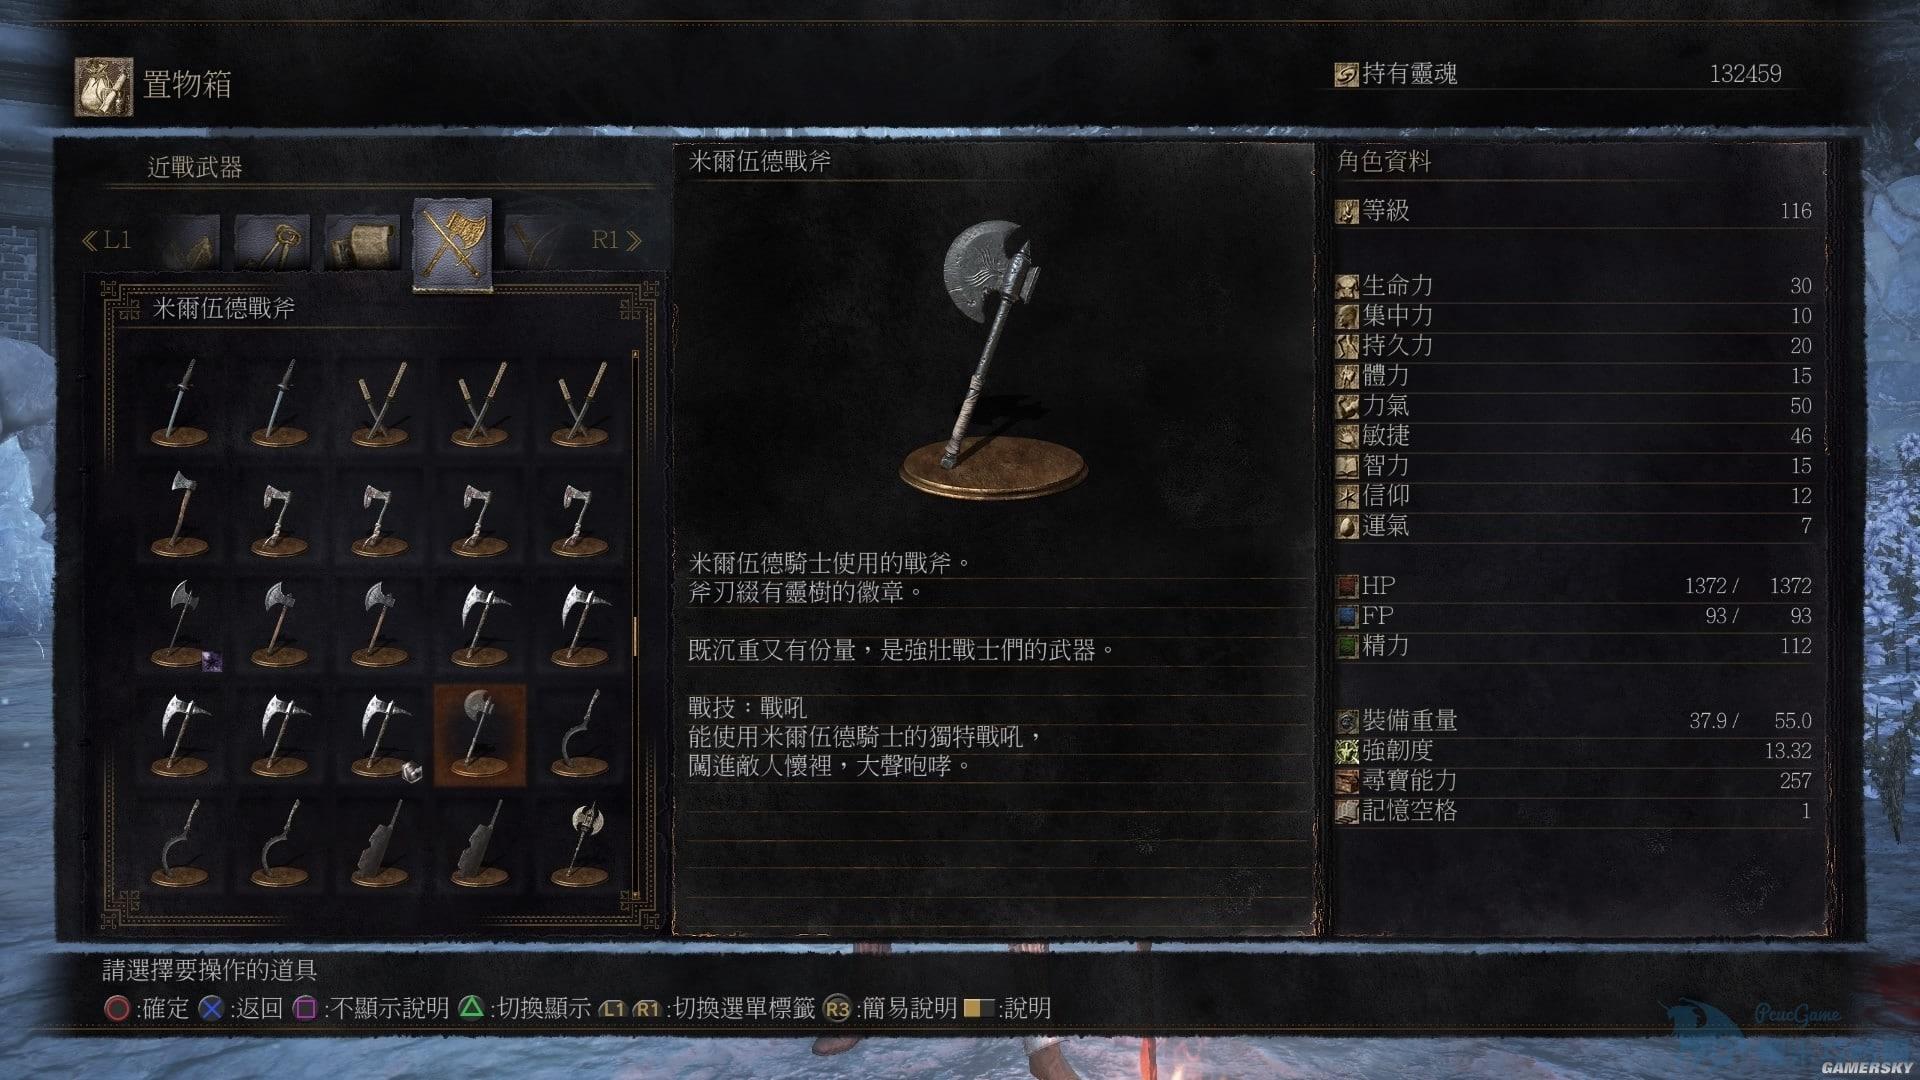 黑暗靈魂3 米爾伍德戰斧與幽魂軍刀pvp用法攻略